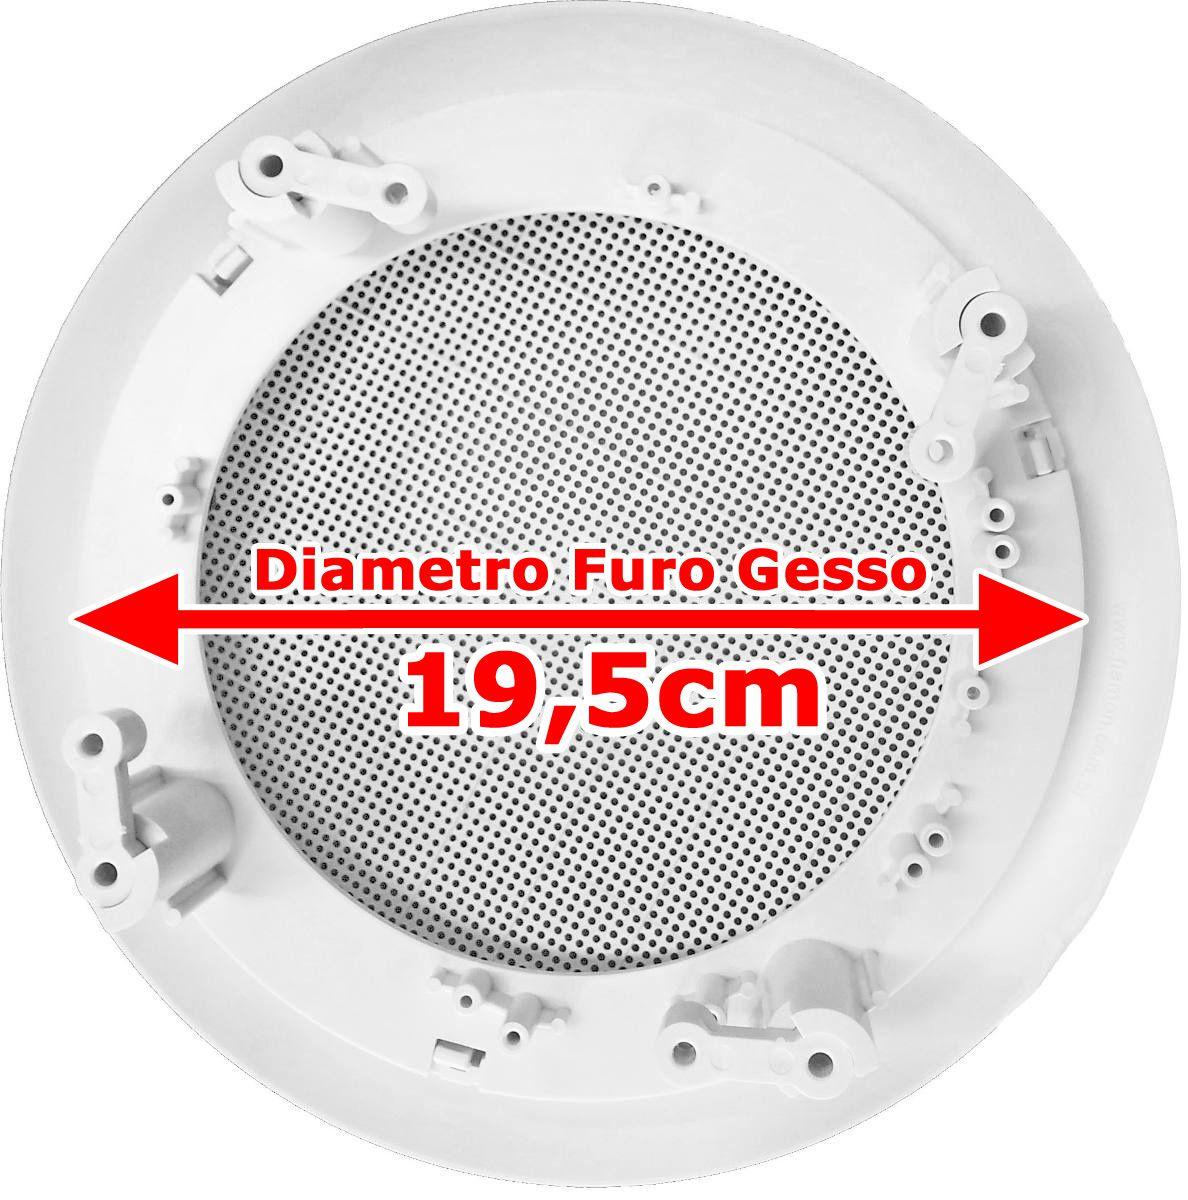 Arandela Redonda 6 Polegadas Branca P/ Falante Teto De Gesso Fiamon1258  - EvolutionStore - Peças e Acessórios Automotivos